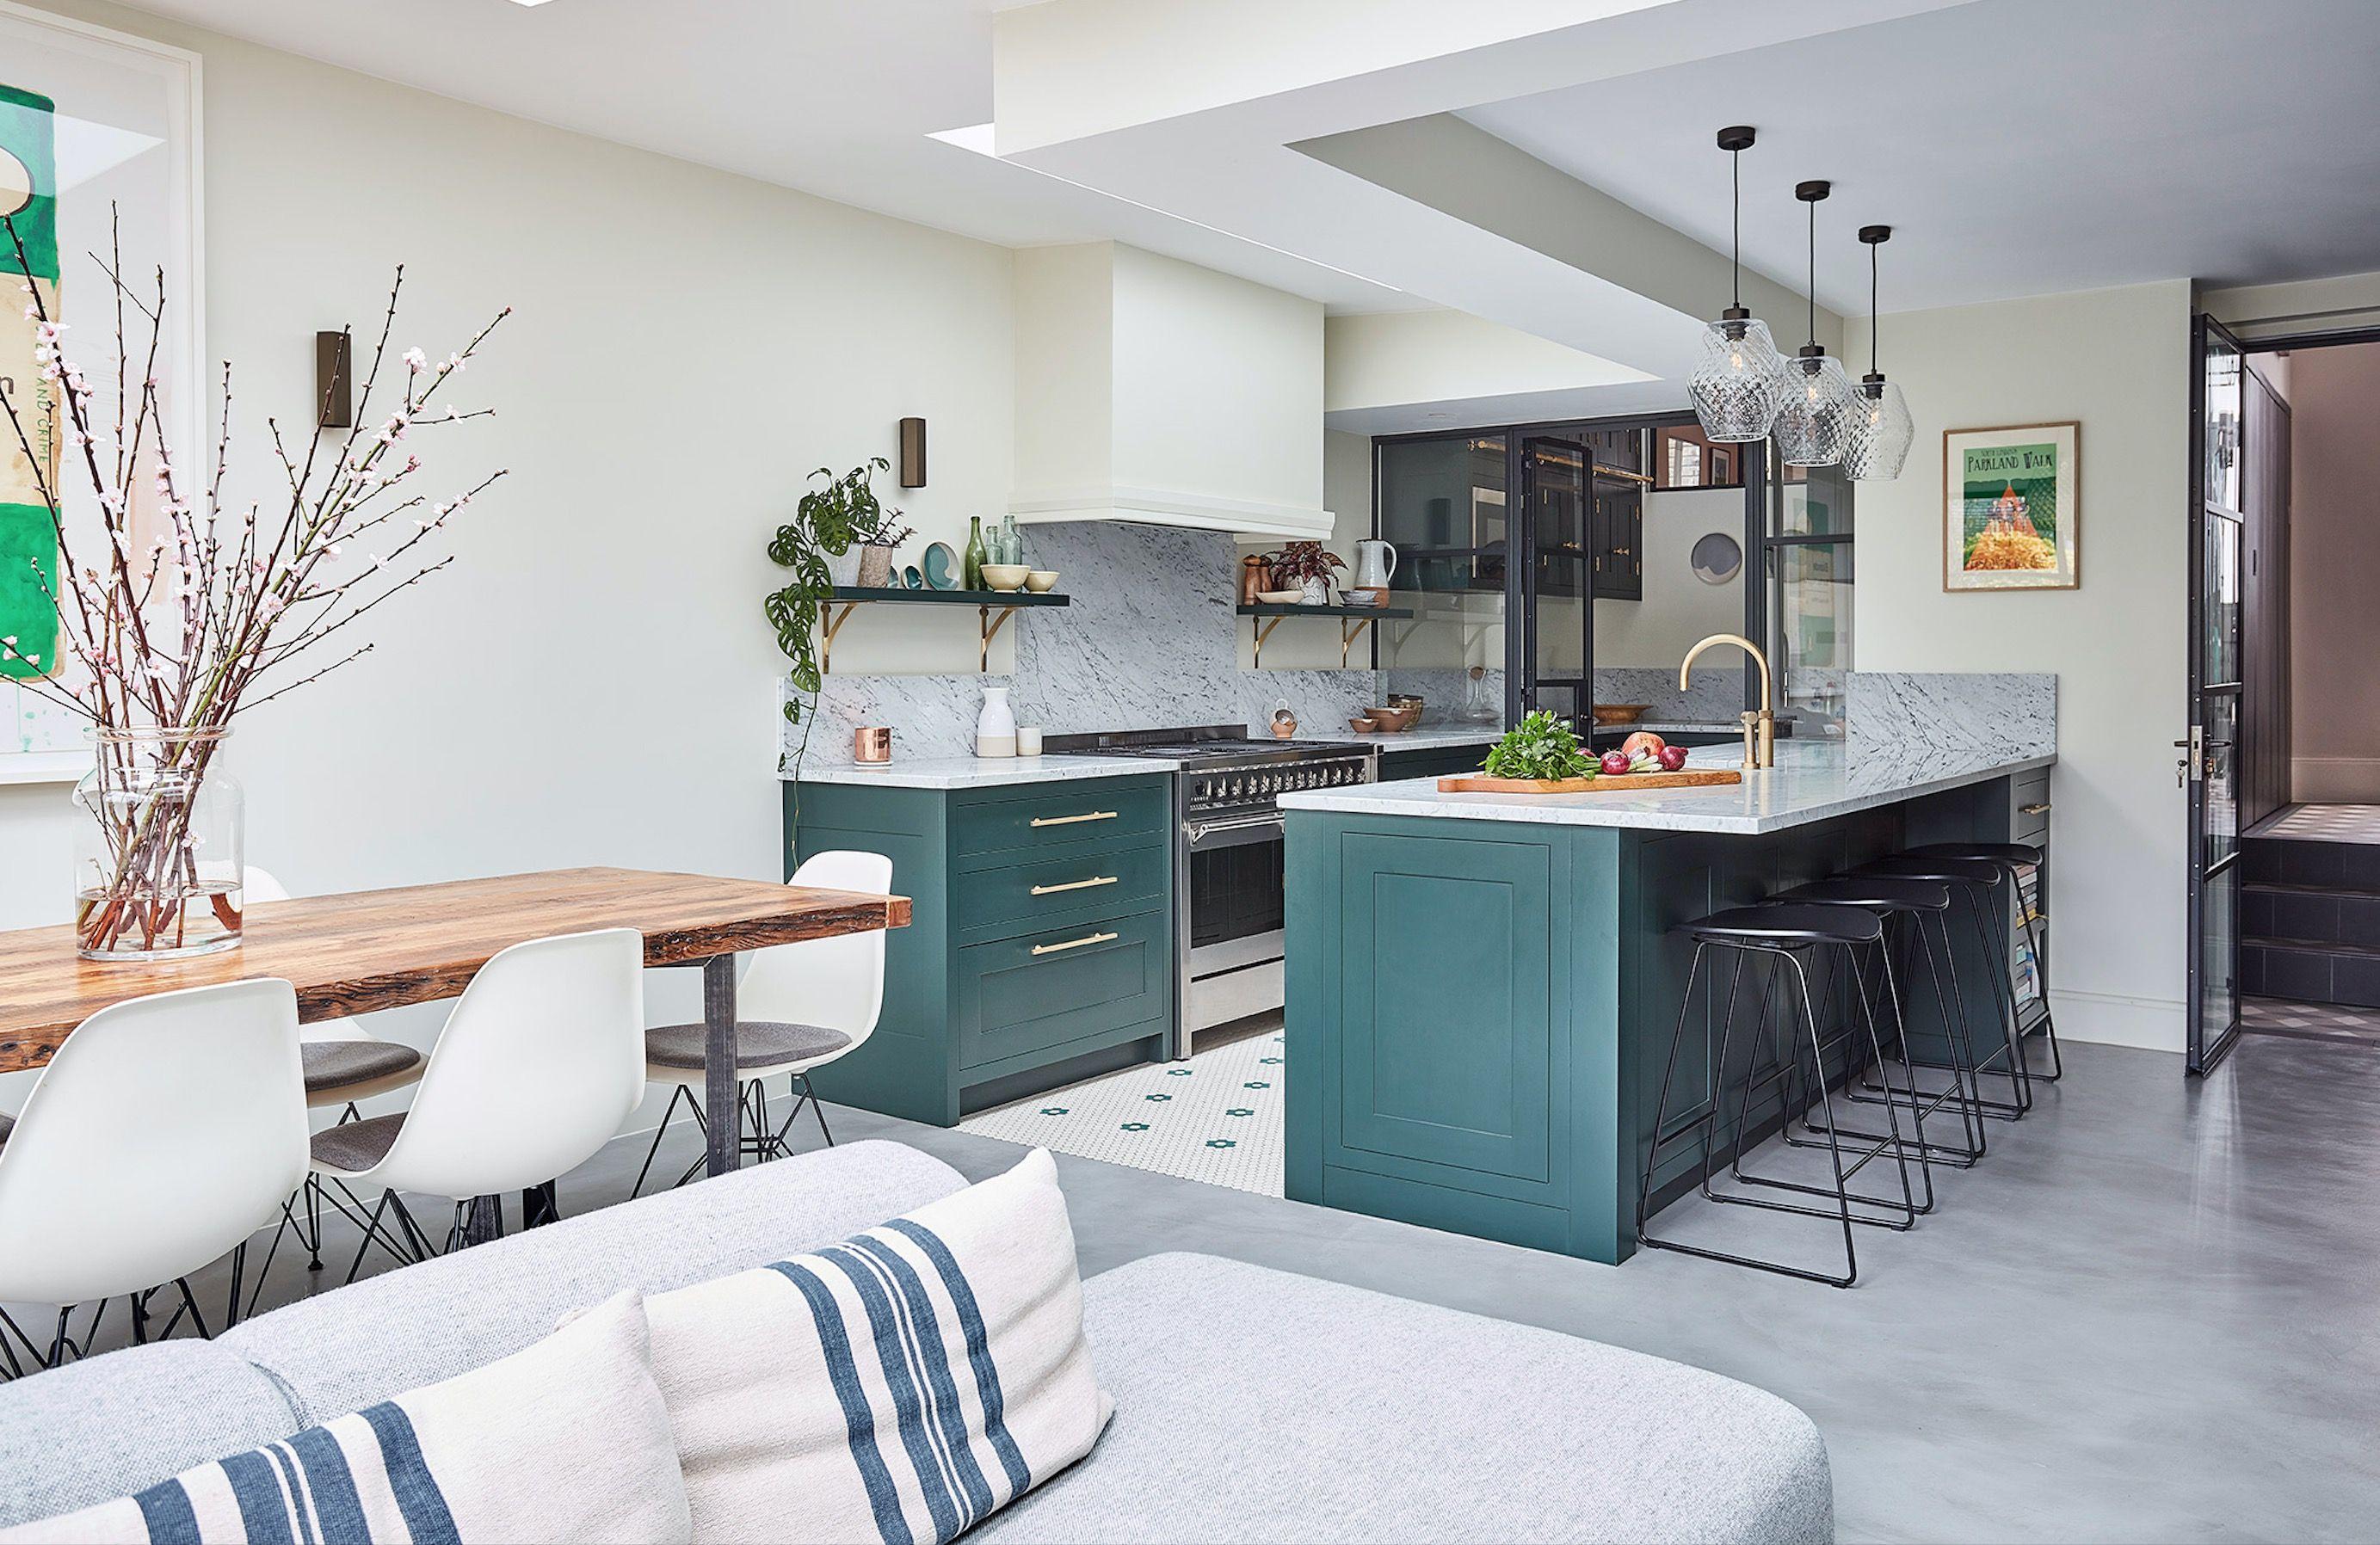 20 Best Kitchen Design Trends 2020 - Modern Kitchen Design ... on Kitchen Modern Design 2020  id=75933